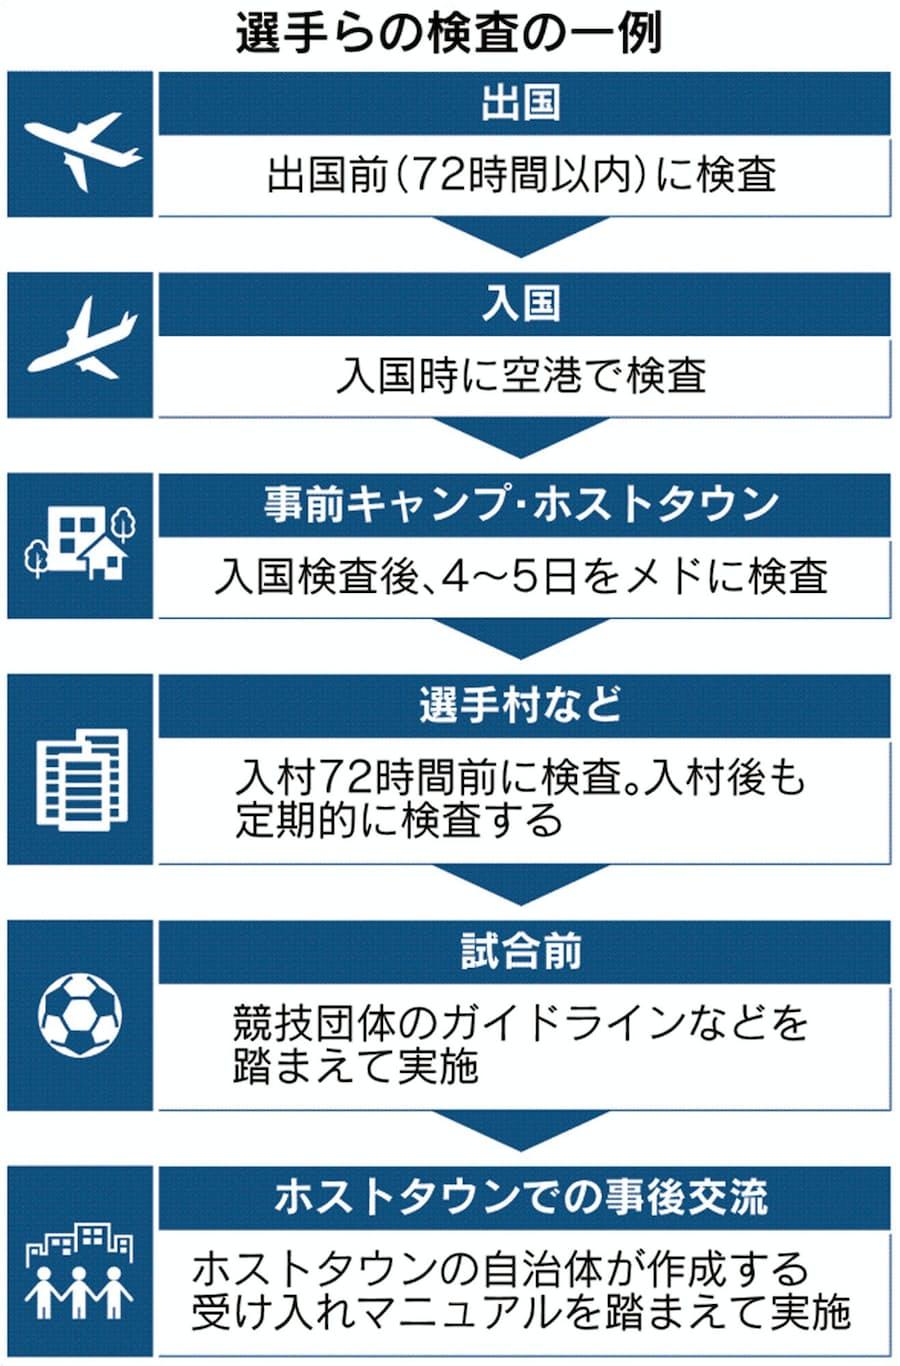 数 検査 コロナ 東京